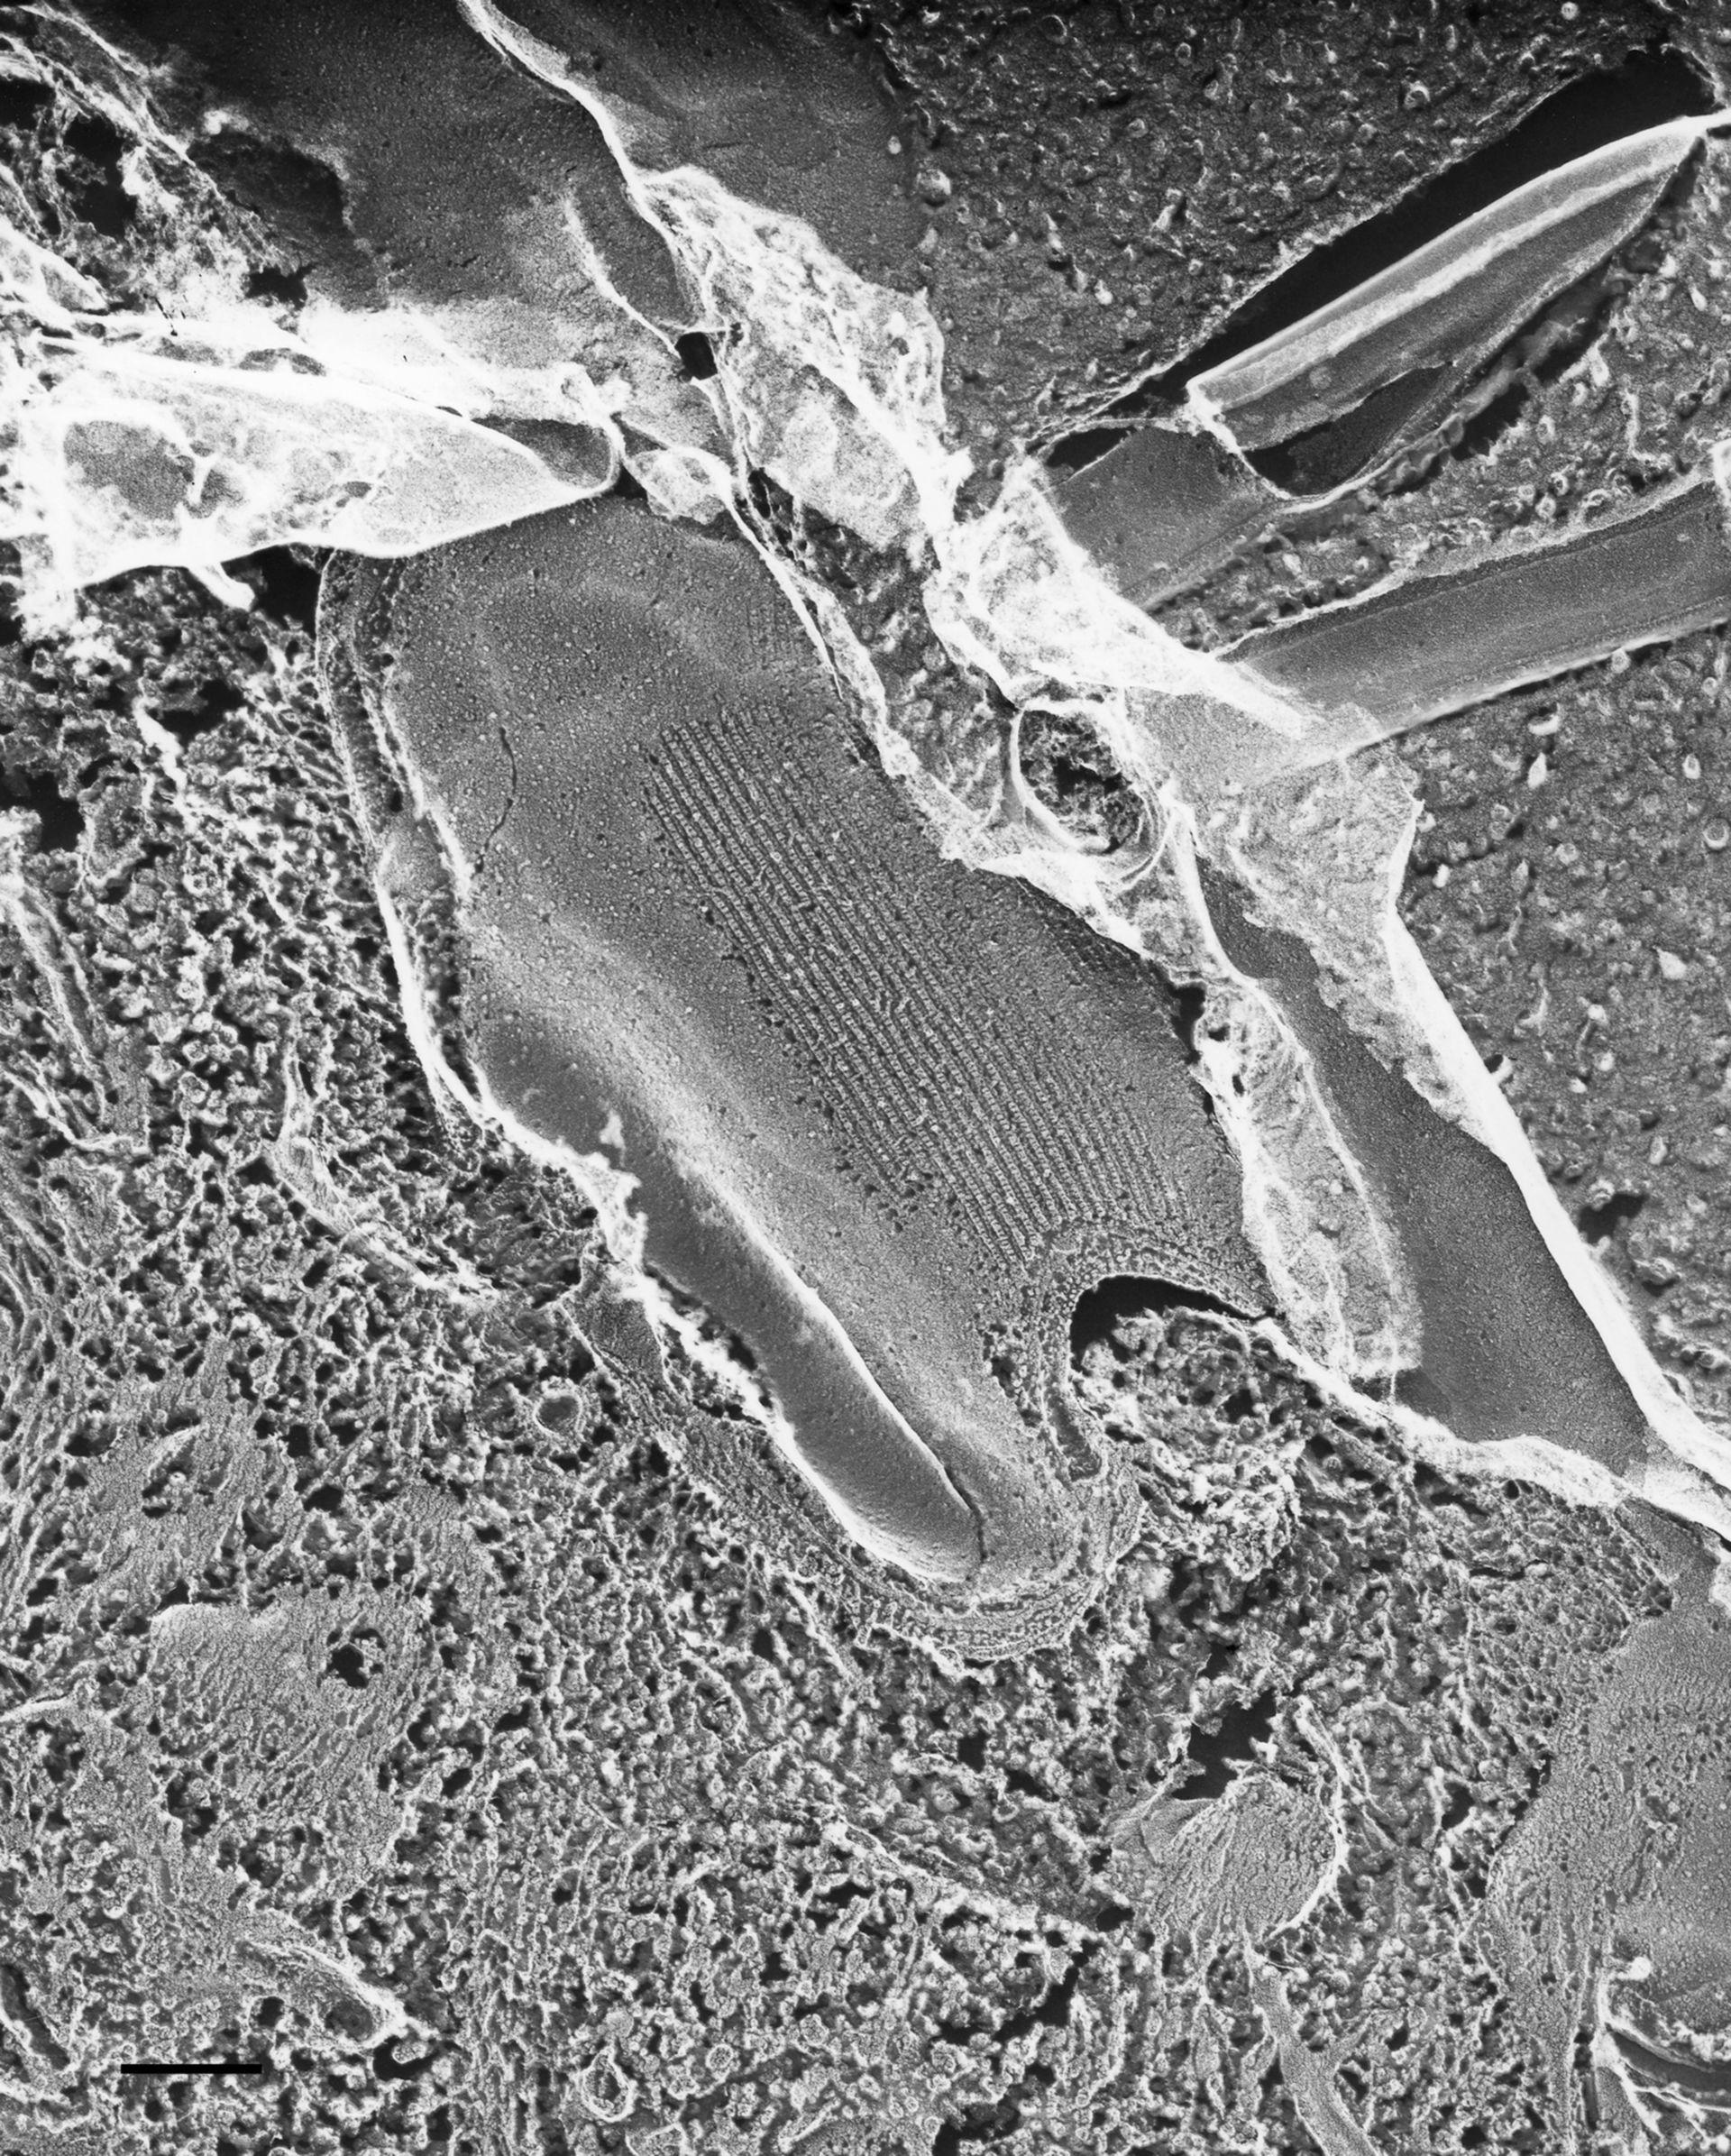 Paramecium multimicronucleatum (Plasma membrane) - CIL:36607